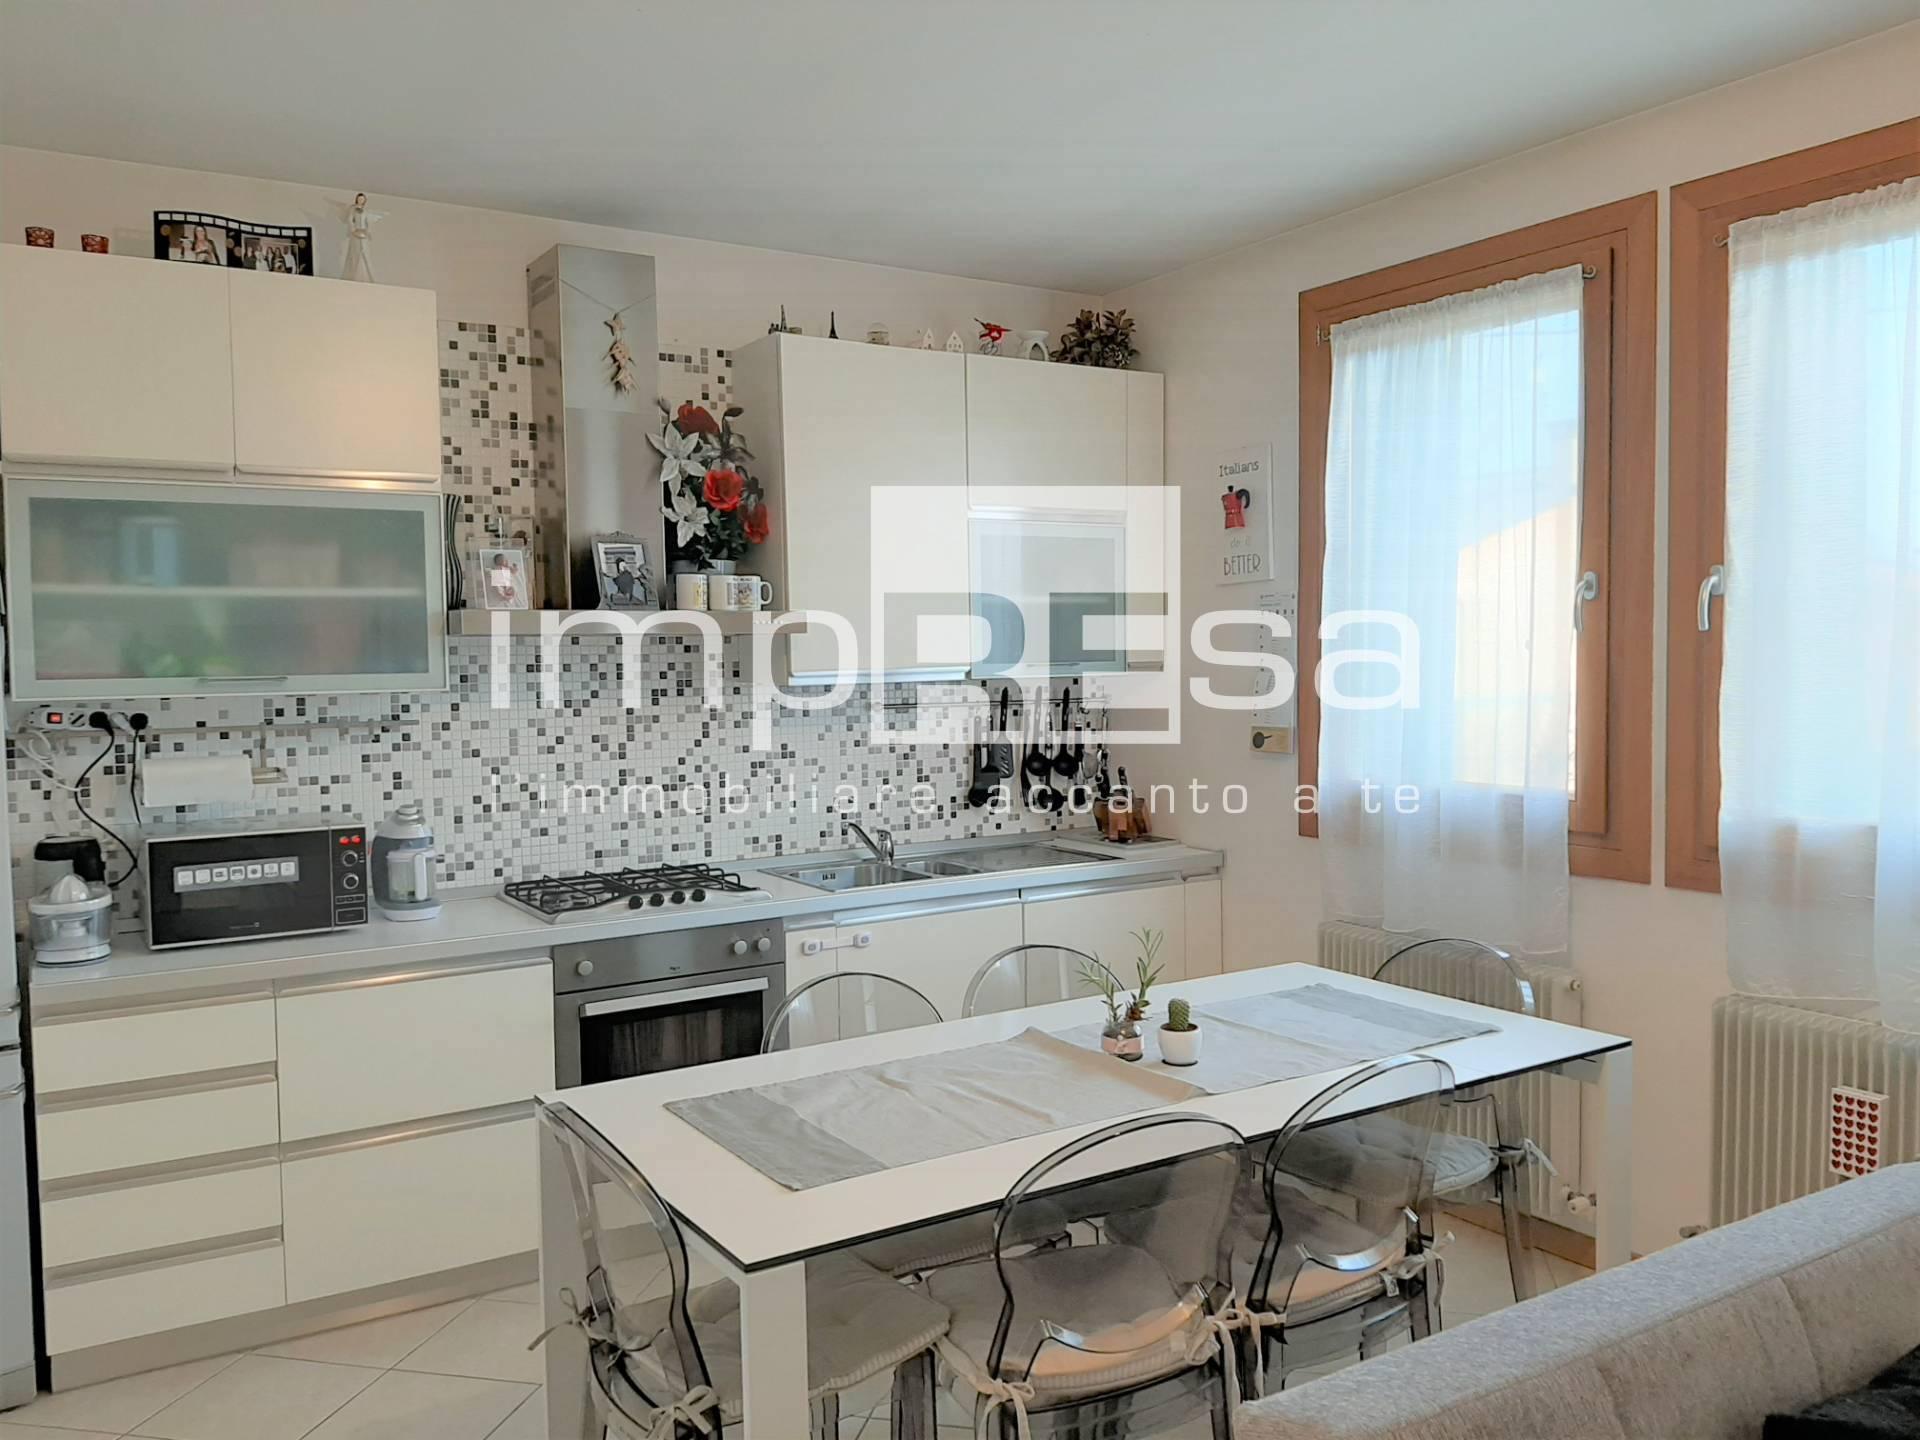 Appartamento in vendita a Morgano, 3 locali, prezzo € 115.000   PortaleAgenzieImmobiliari.it